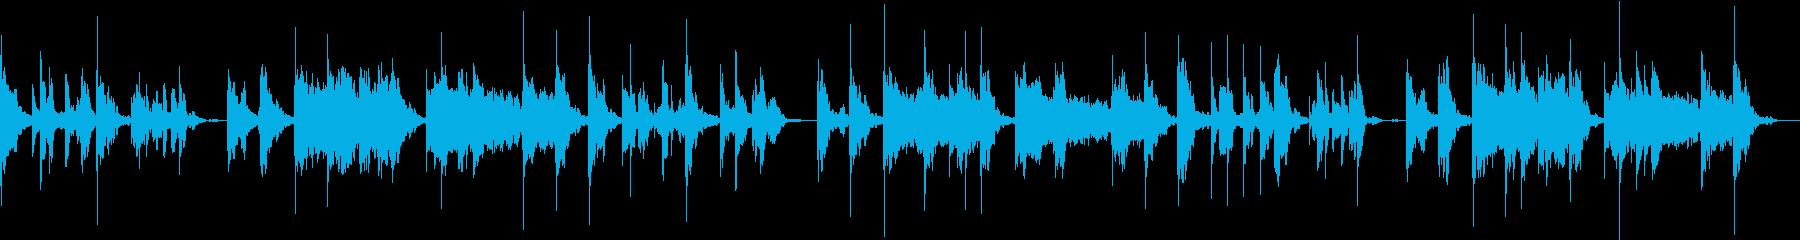 安心感で包み込む赤ちゃん用の音楽の再生済みの波形